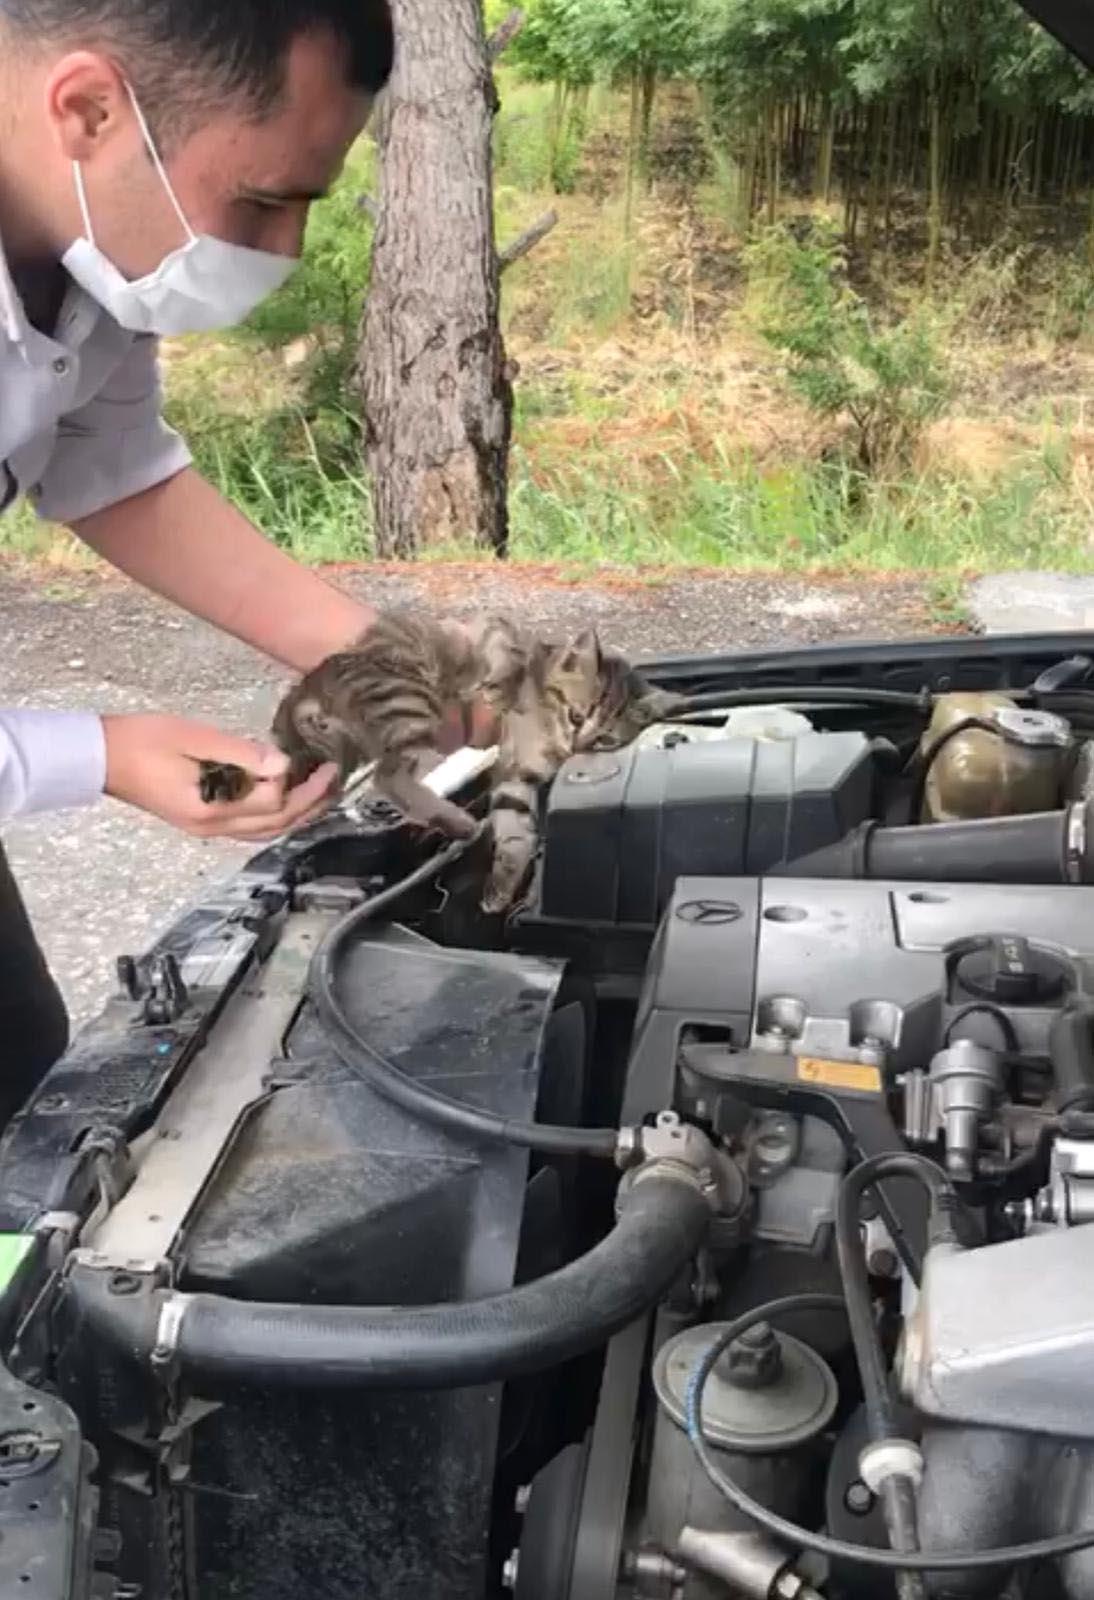 motor-kaputundaki-yavru-kedi-70-km-yolculuktan-sonra-fark-edildi-9080-dhaphoto3.jpg